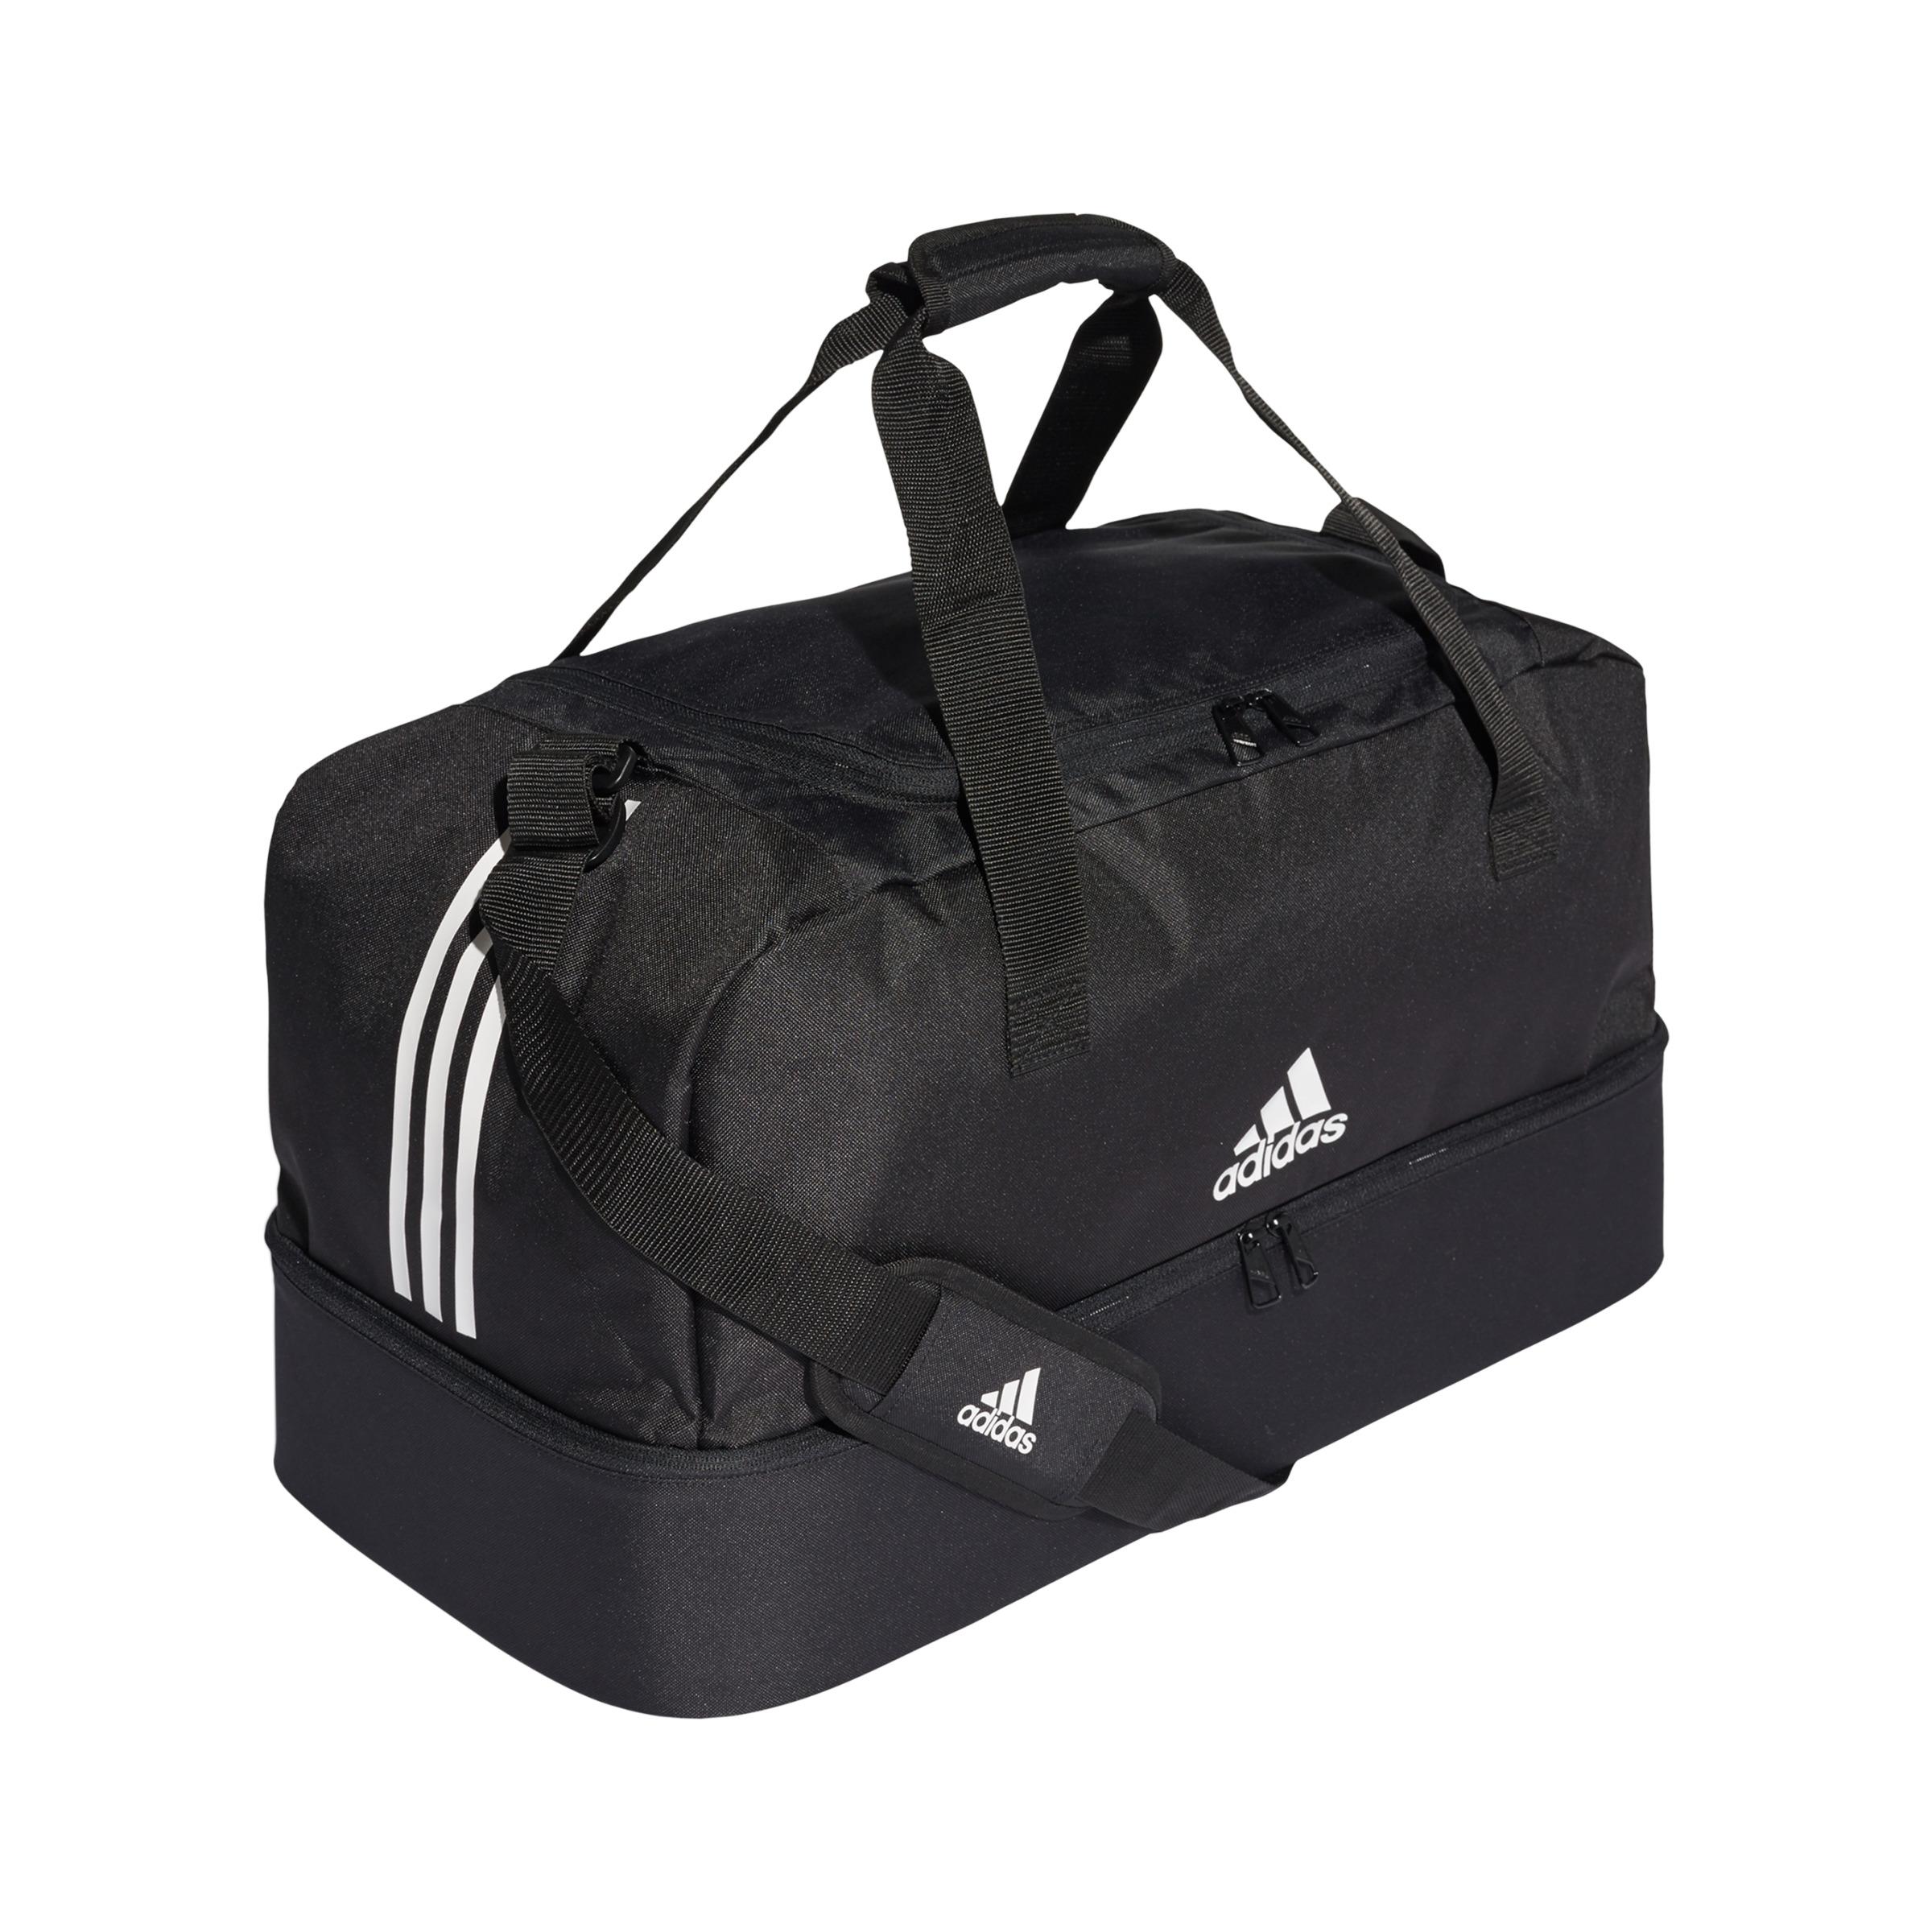 adidas DQ1080 Tiro Duffel Sport Bag With Base Compartment Size M ... b27e4bb4fd87a